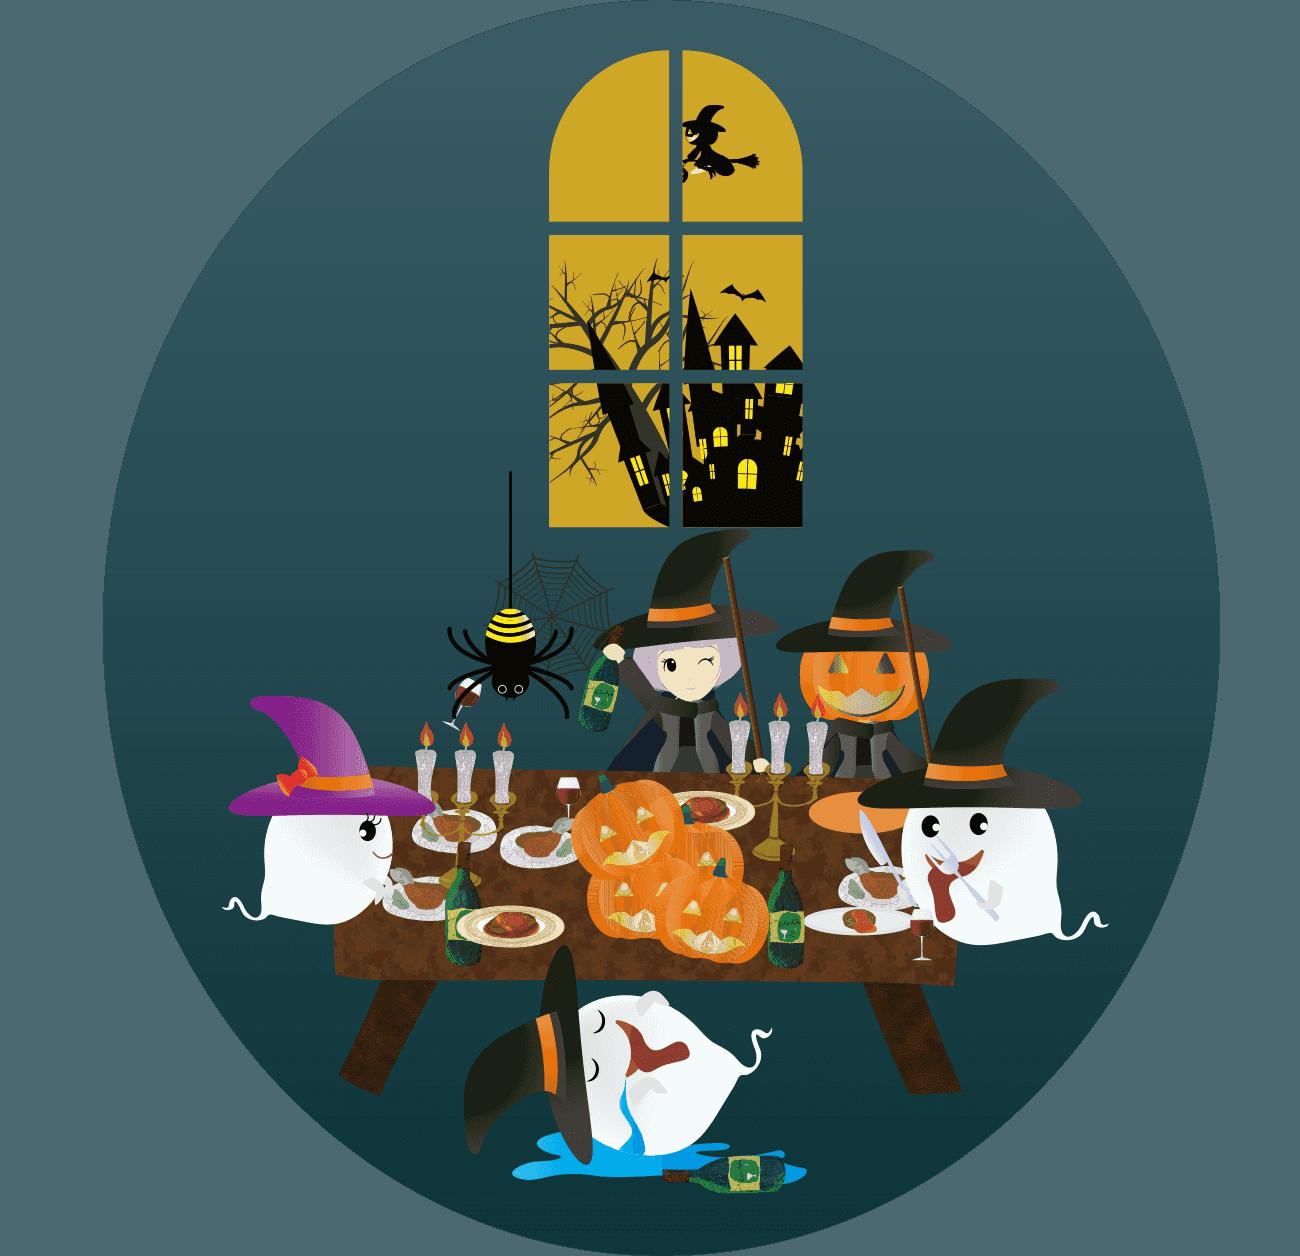 おばけと魔女のハロウィンパーティーイラスト